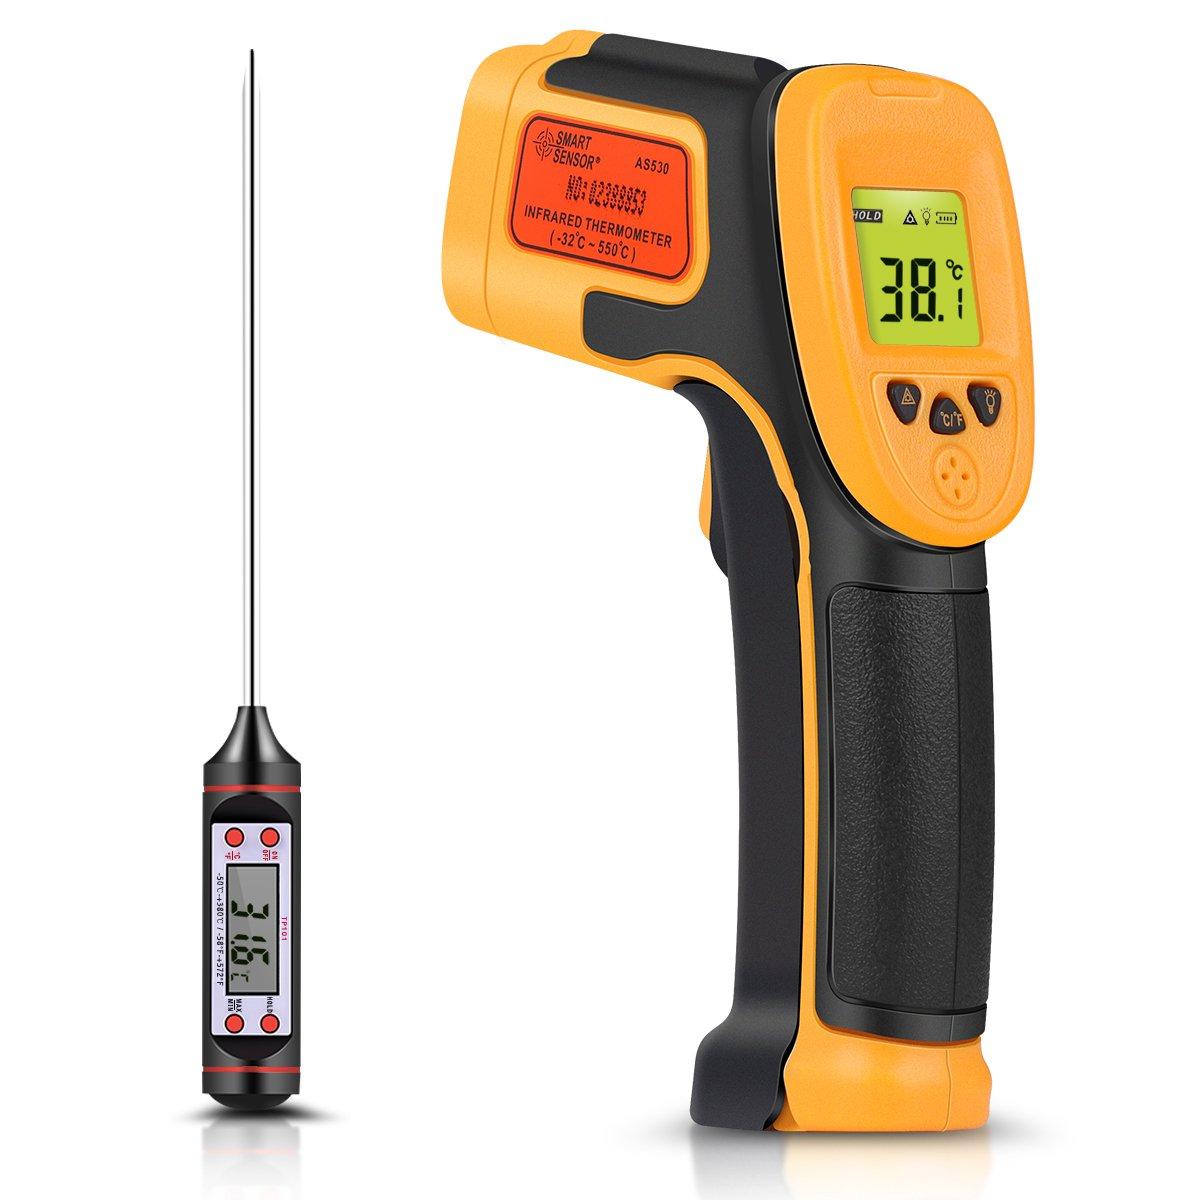 Termómetro Infrarrojo, Termómetro Láser Digital Pistola de Temperatura -26 ° F ~ 1022 ° F (-32 ° C ~ 550 ° C) Sonda de Temperatura para Cocinar / Aire / Refrigerador - Termómetro Carne Incluido